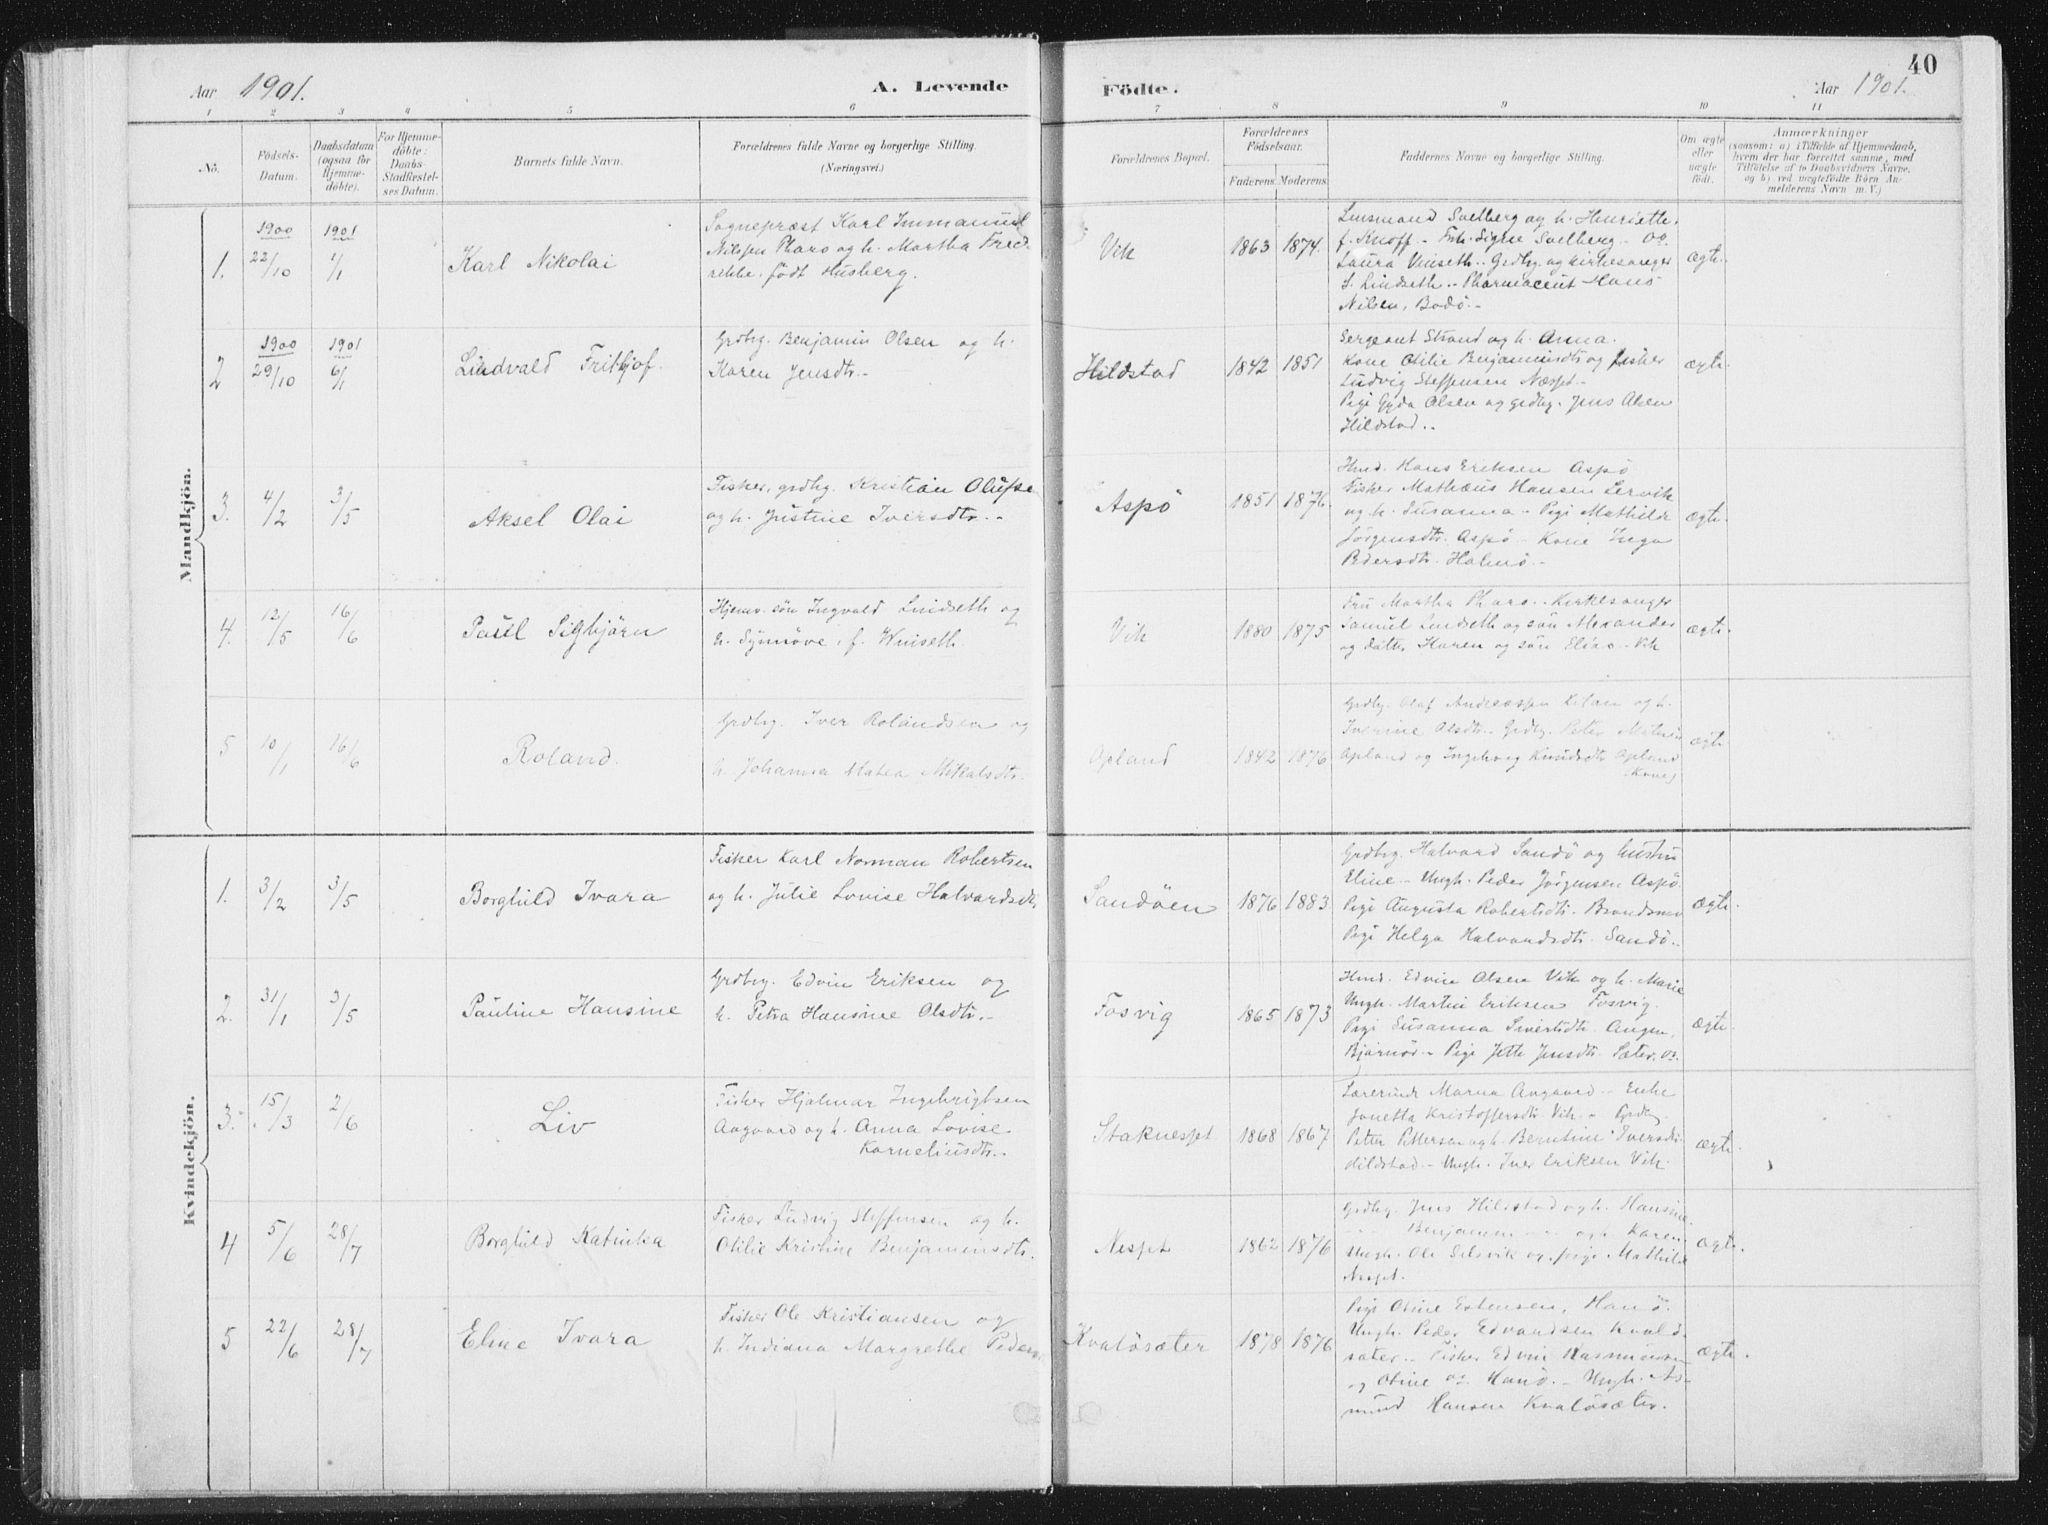 SAT, Ministerialprotokoller, klokkerbøker og fødselsregistre - Nord-Trøndelag, 771/L0597: Ministerialbok nr. 771A04, 1885-1910, s. 40